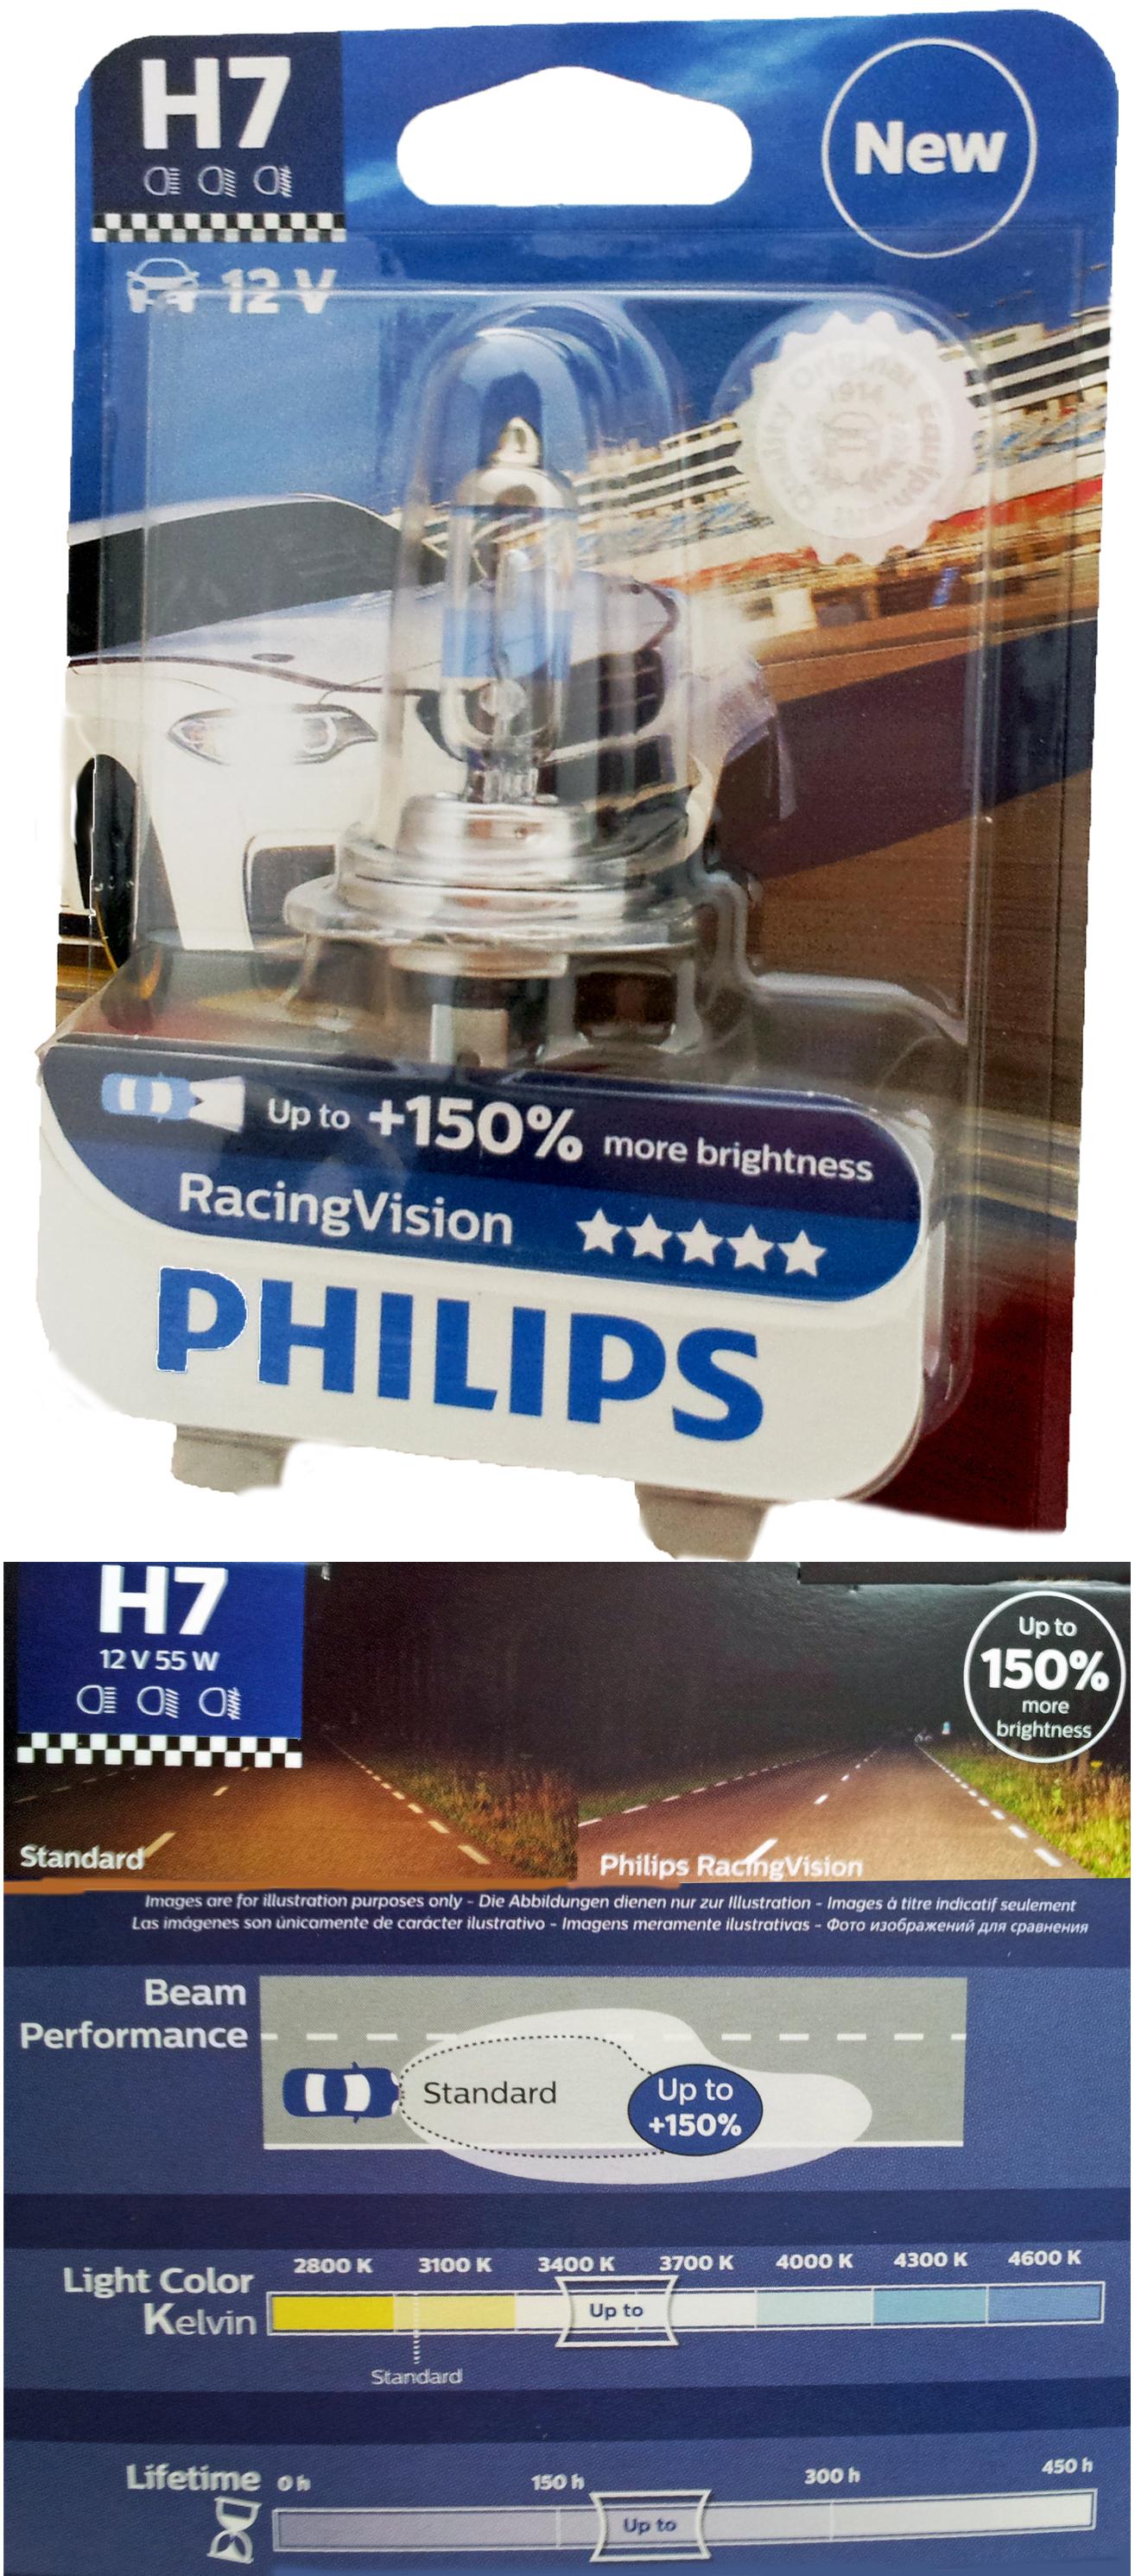 h7 philips racing vision 150 12v 55w px26d uk ref 477. Black Bedroom Furniture Sets. Home Design Ideas